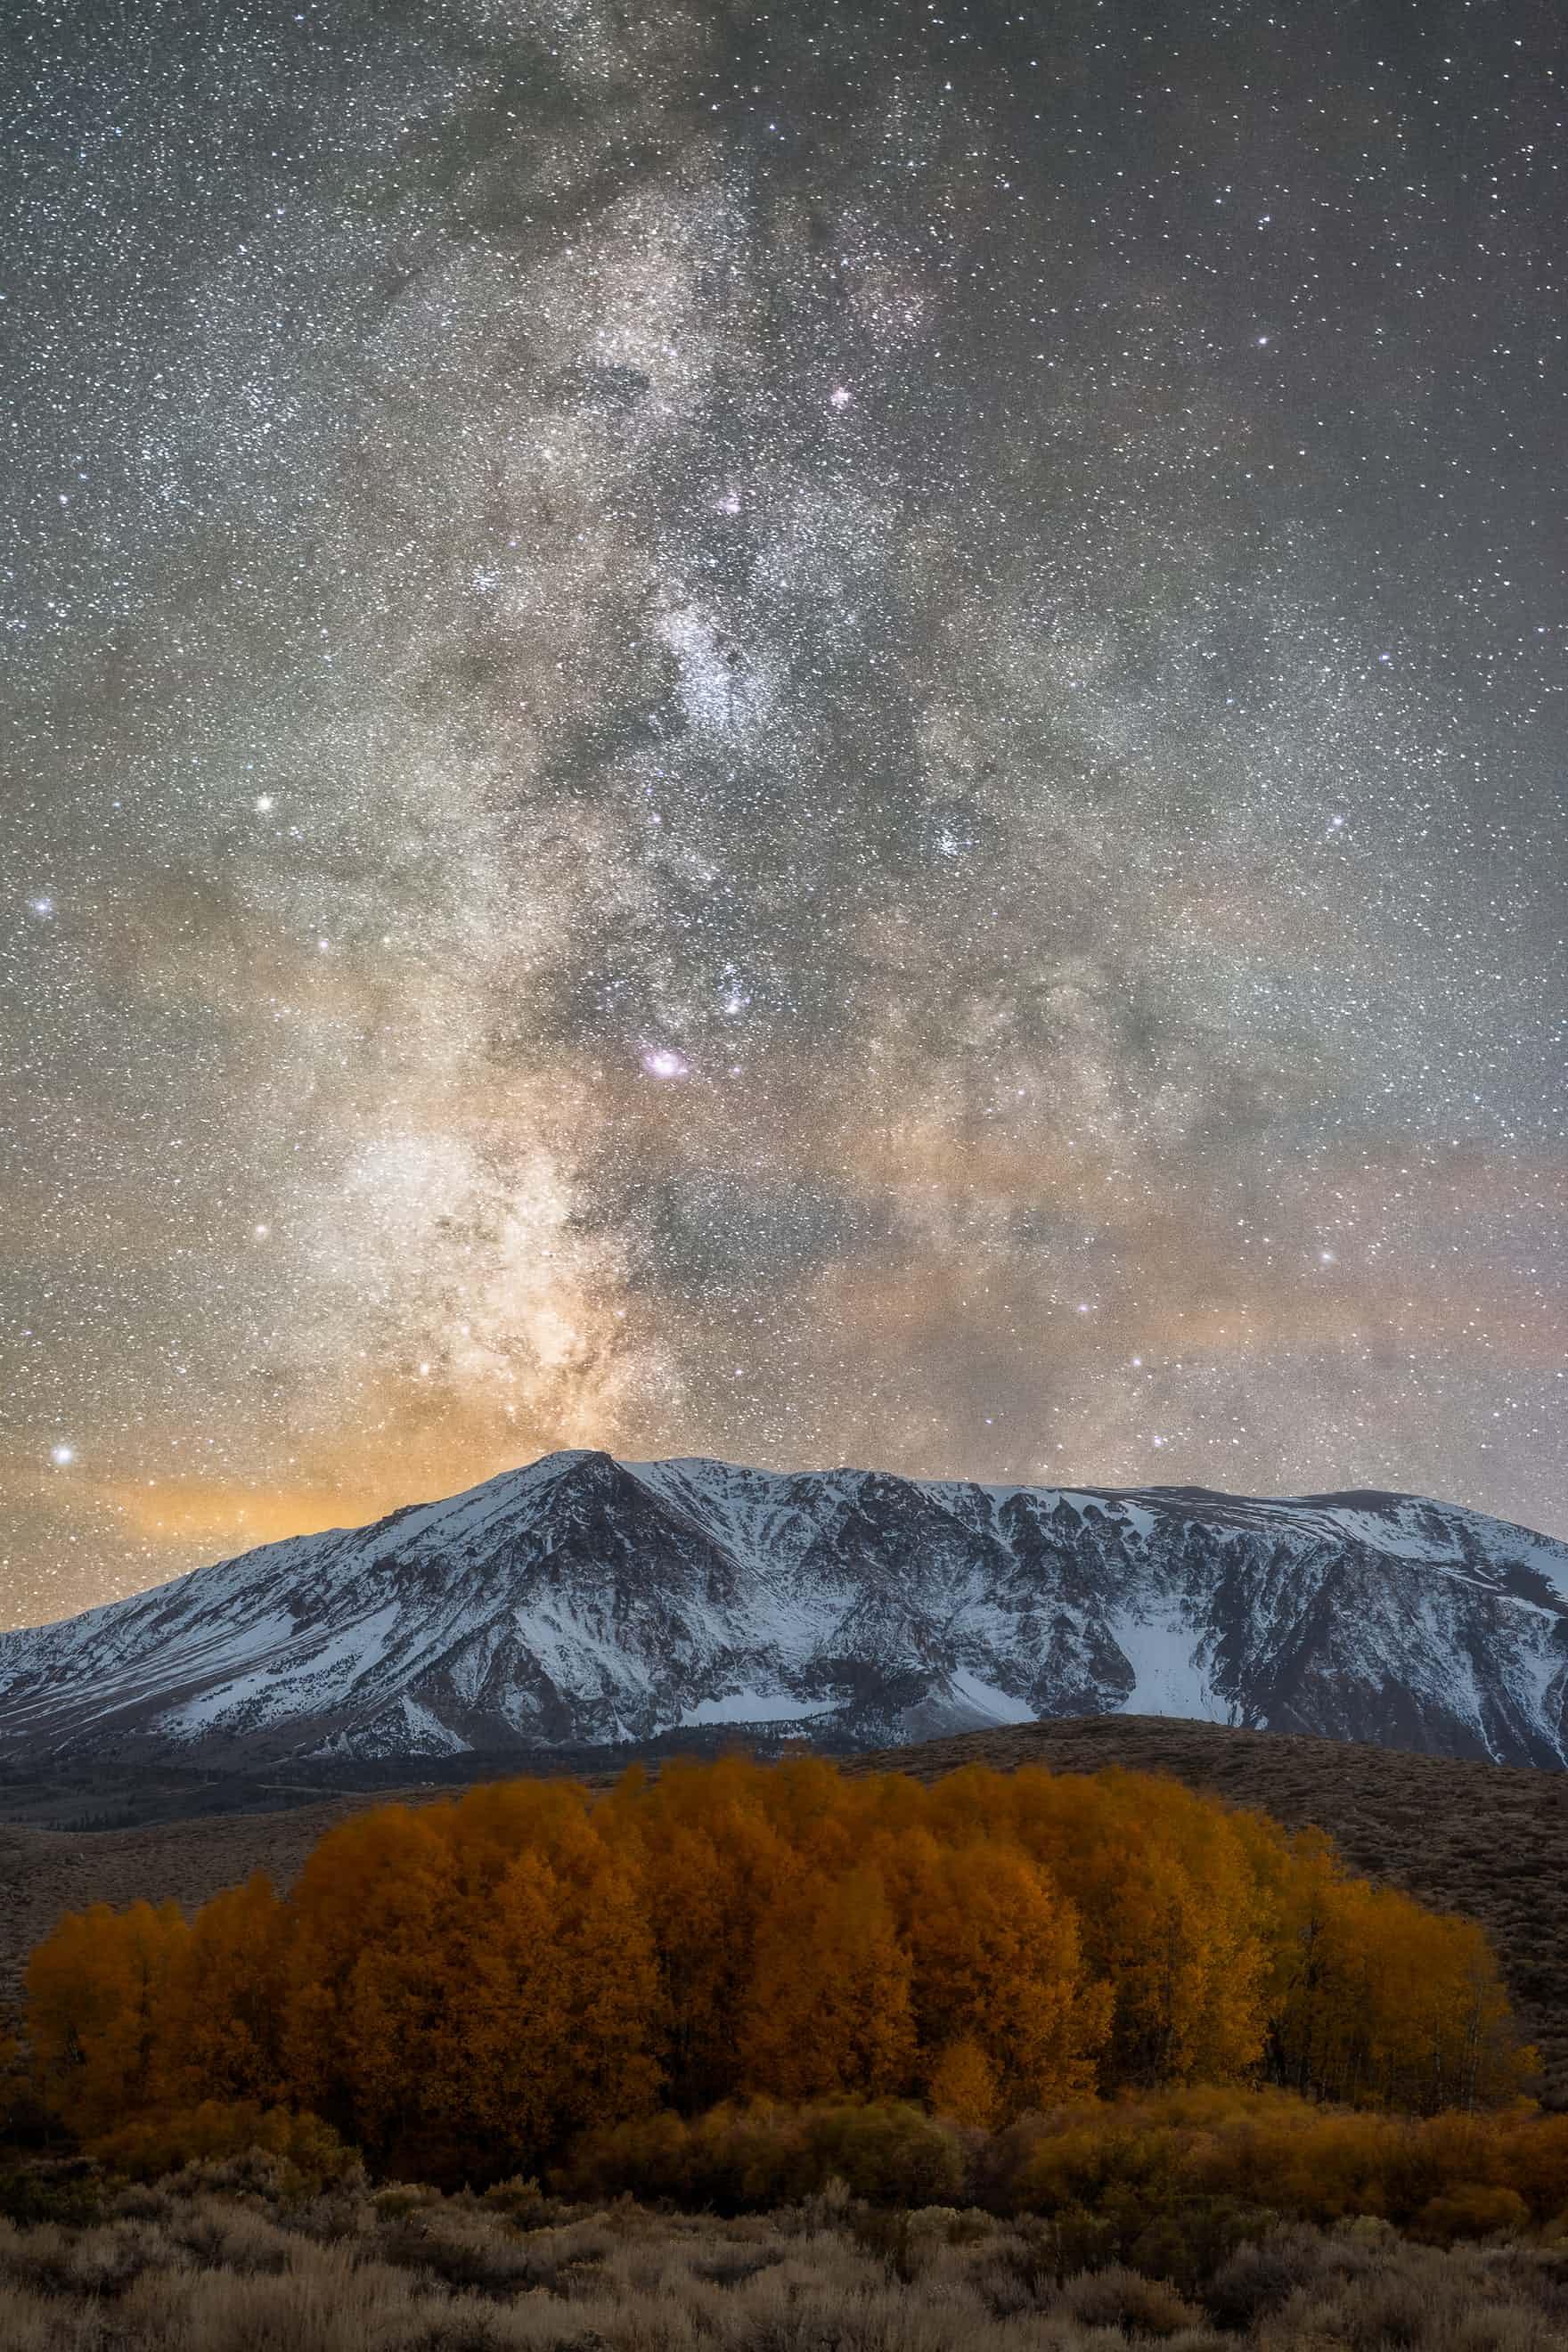 Những bức ảnh bầu trời khiến bạn choáng ngợp: sao băng, mây dạ quang, dải ngân hà...